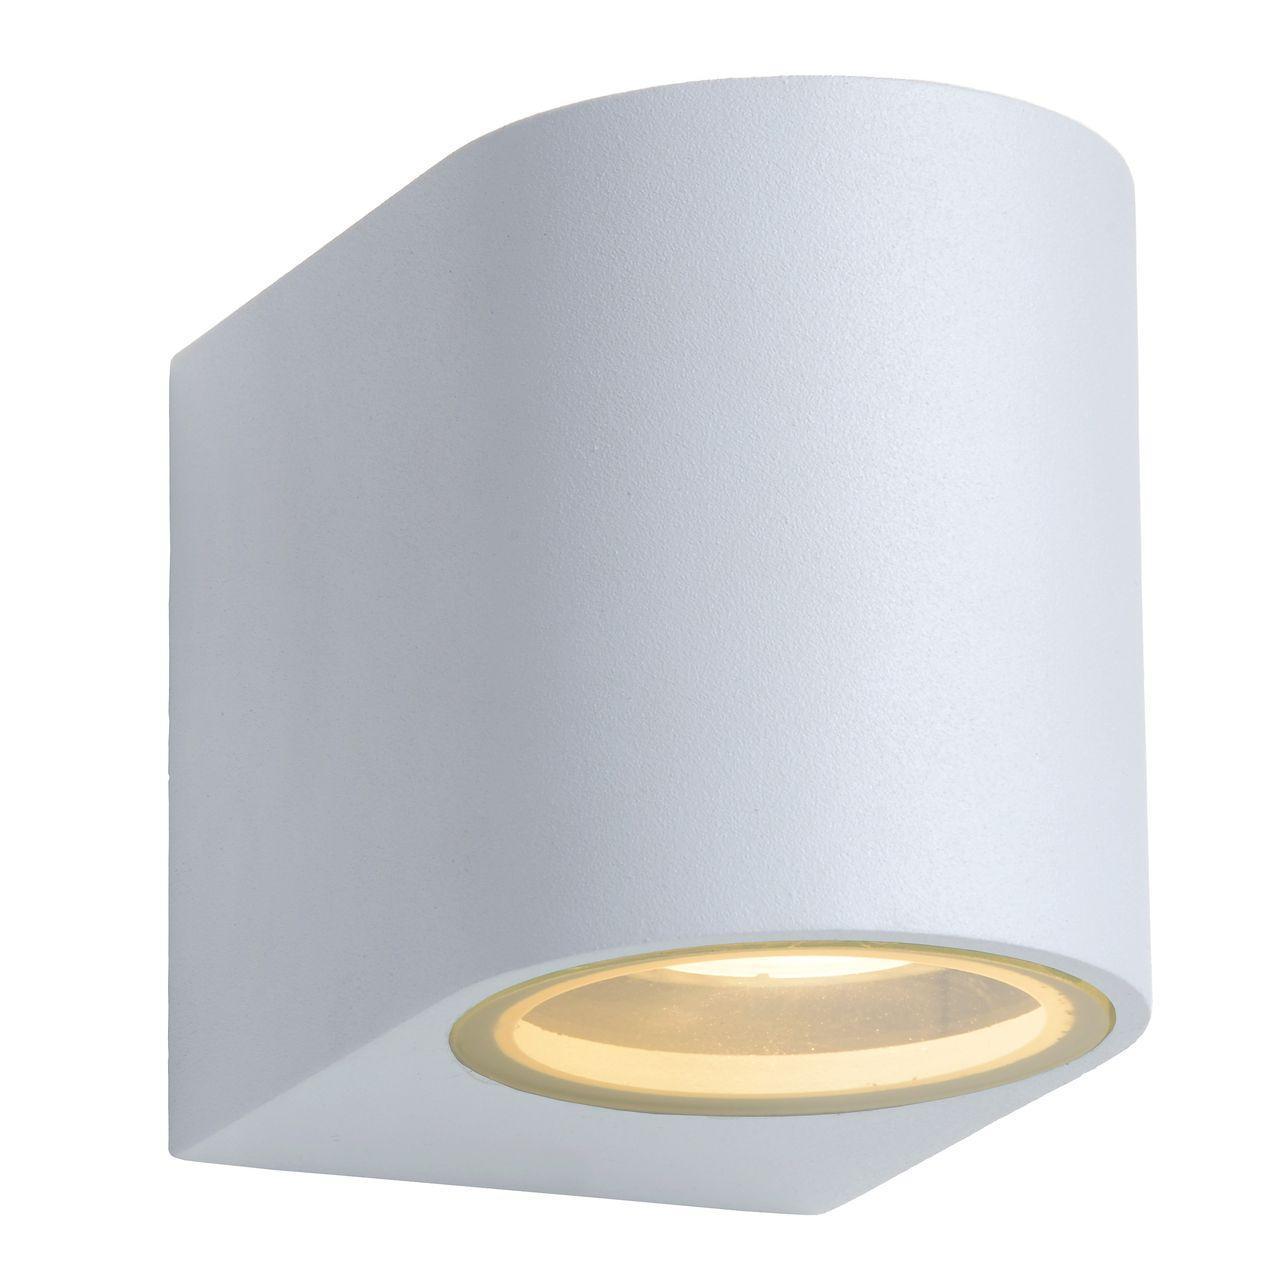 Уличный настенный светильник Lucide Zora Led 22861/05/31